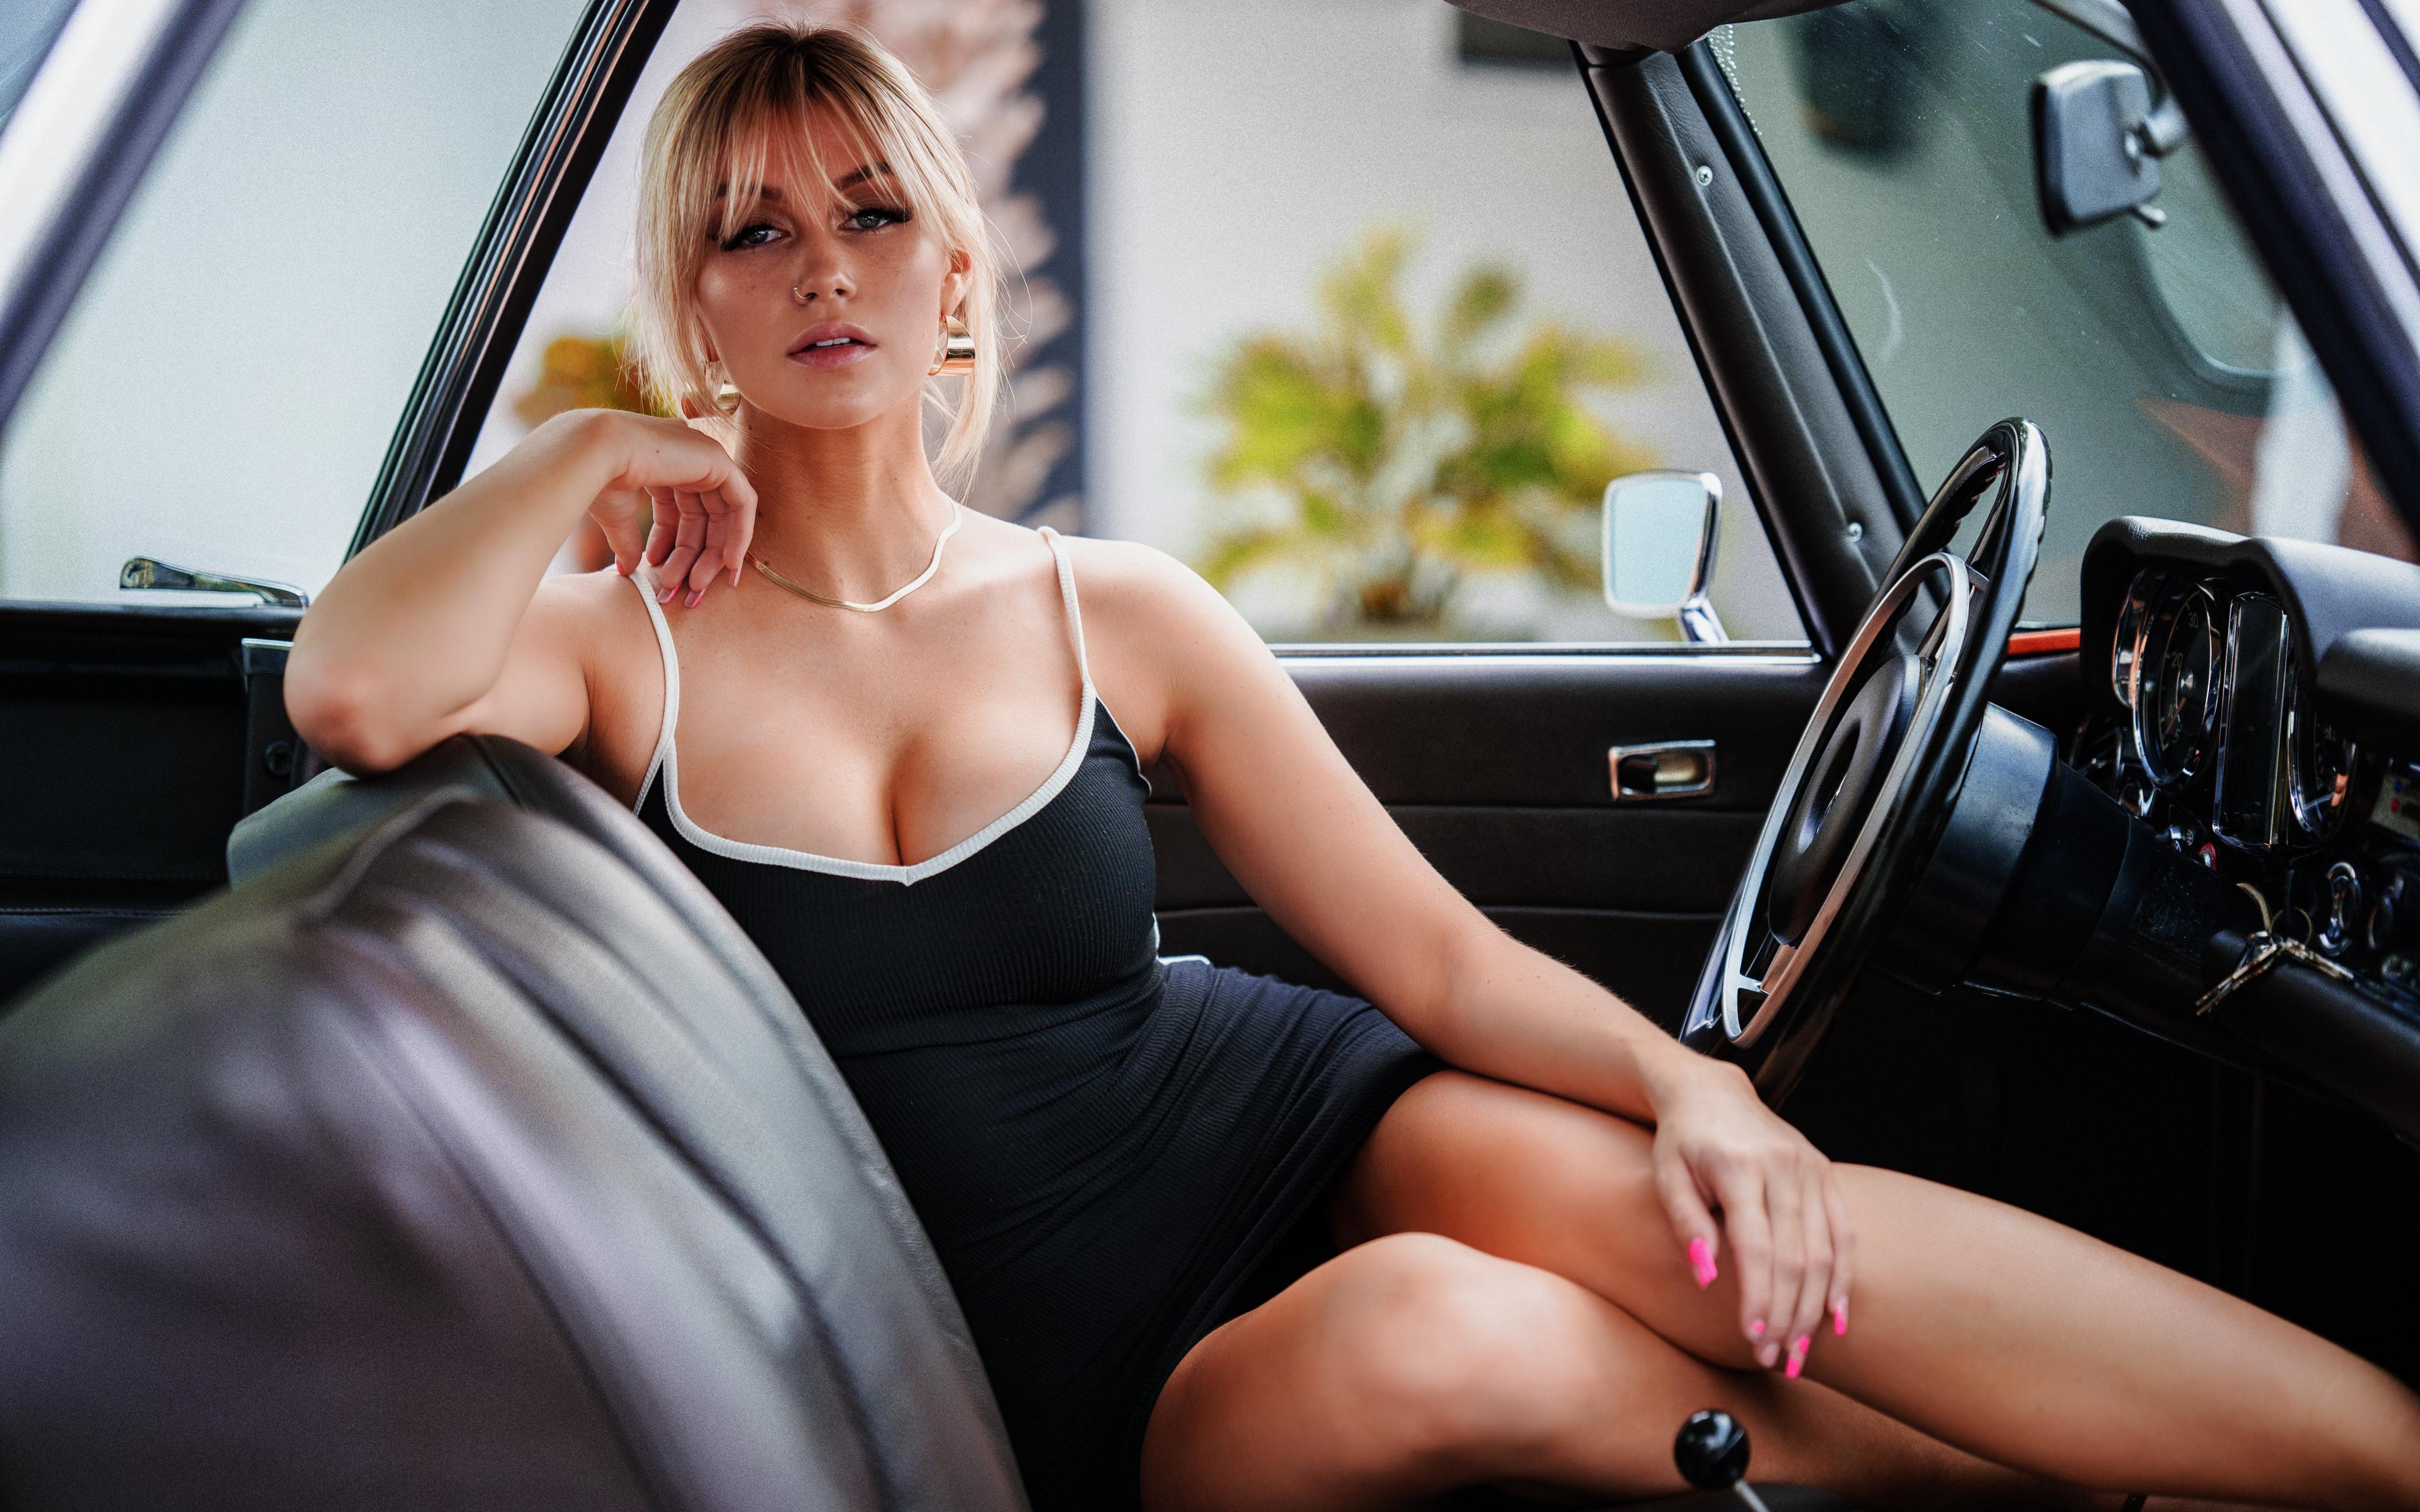 Bilder Blondine Marina Dekolleté junge Frauen Bein Autos sitzen Starren Kleid 3840x2400 Blond Mädchen dekolletee Mädchens junge frau auto sitzt Sitzend automobil Blick